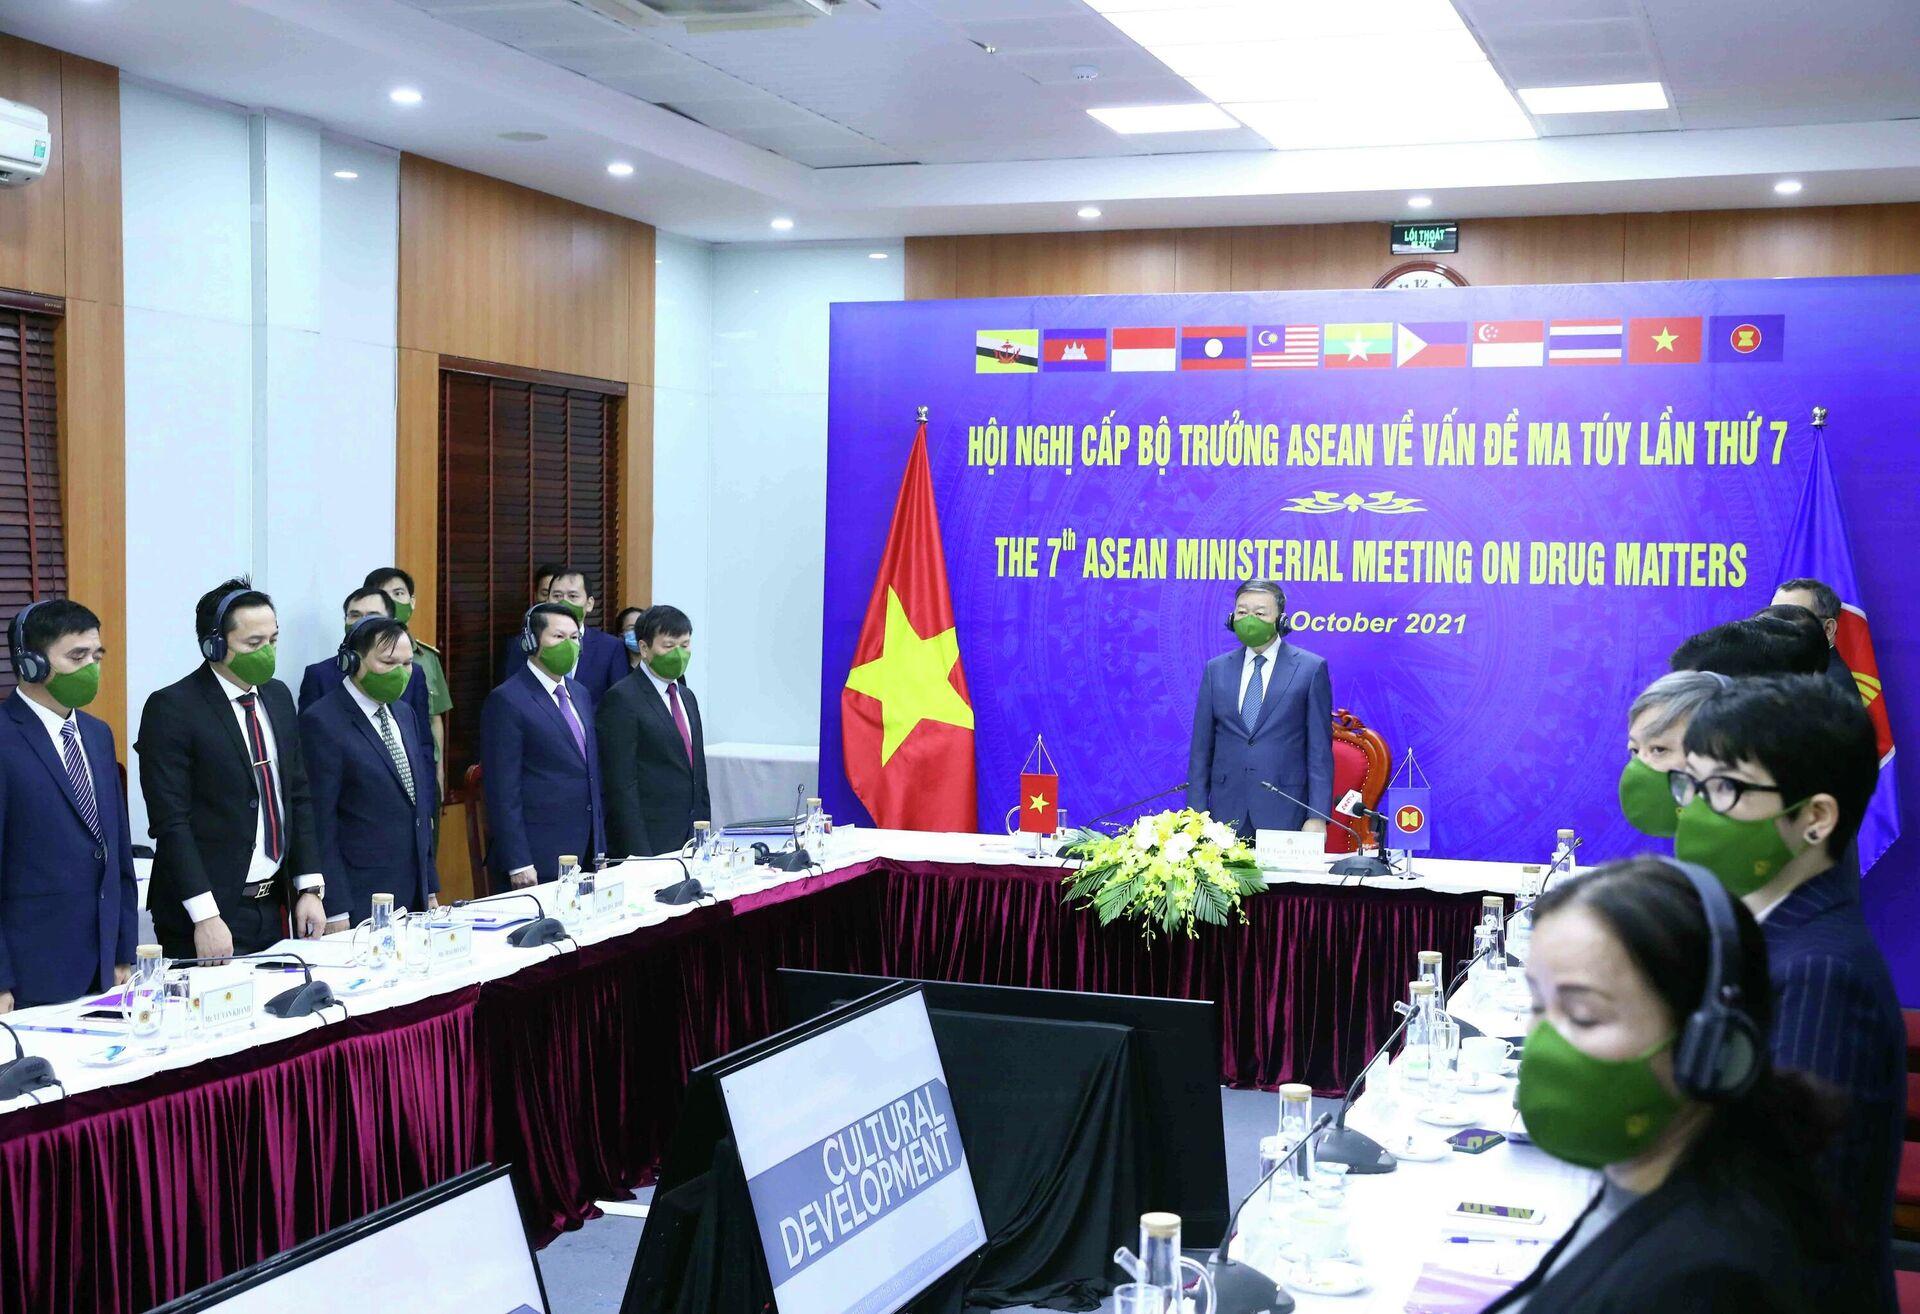 Bộ trưởng Bộ Công an Tô Lâm và các đại biểu thực hiện nghi thức chào cờ ASEAN  - Sputnik Việt Nam, 1920, 14.10.2021